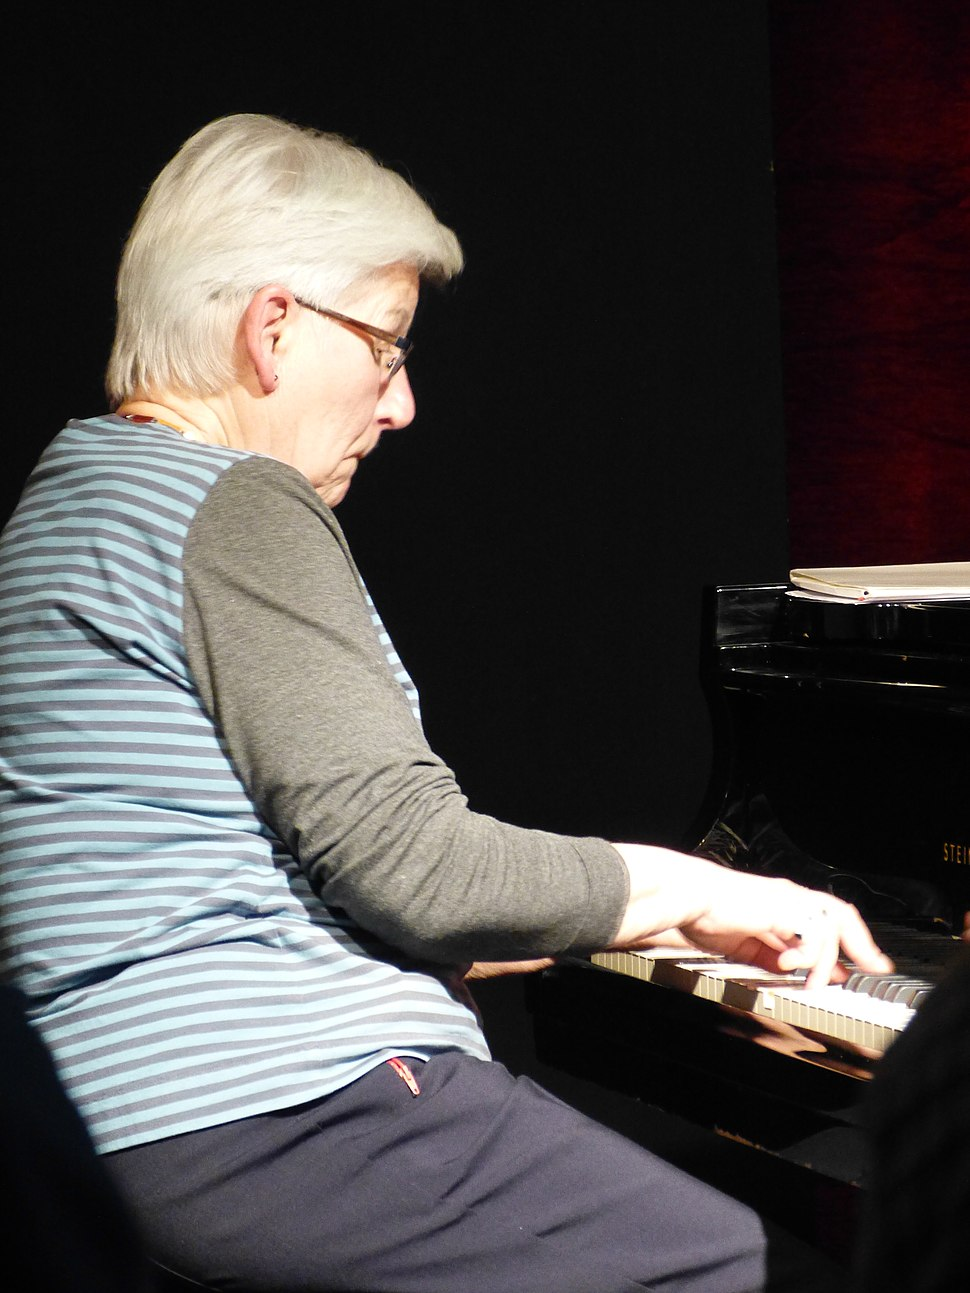 Irene Schweizer (Annamarie Ursula) P1120606